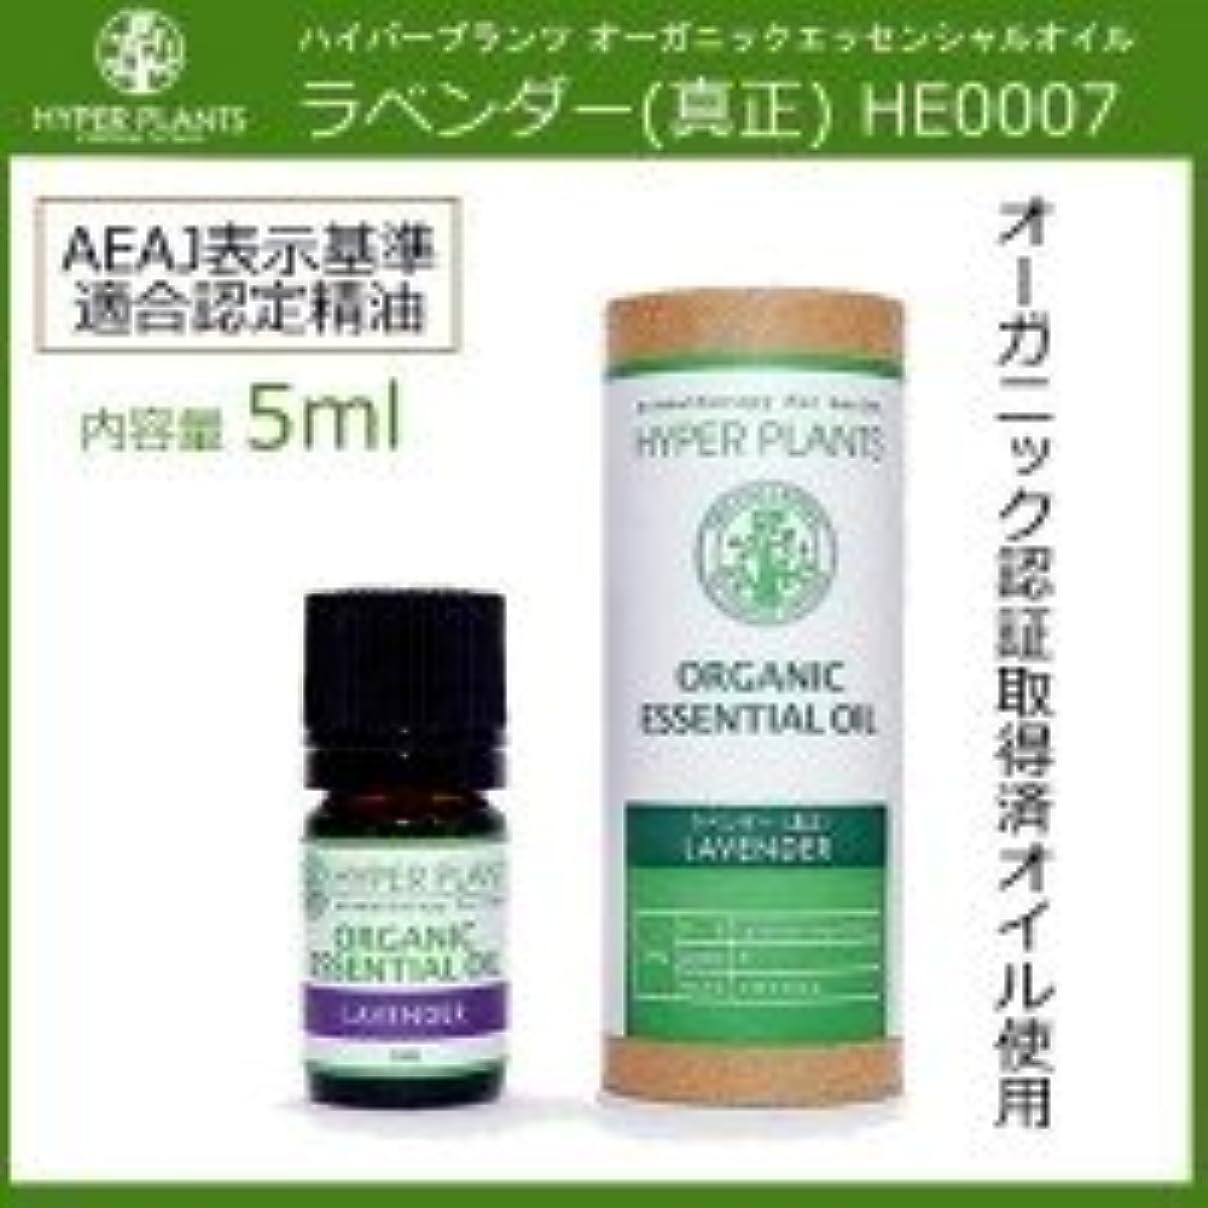 はげマリナー自分のHYPER PLANTS ハイパープランツ オーガニックエッセンシャルオイル ラベンダー(真正) 5ml HE0007